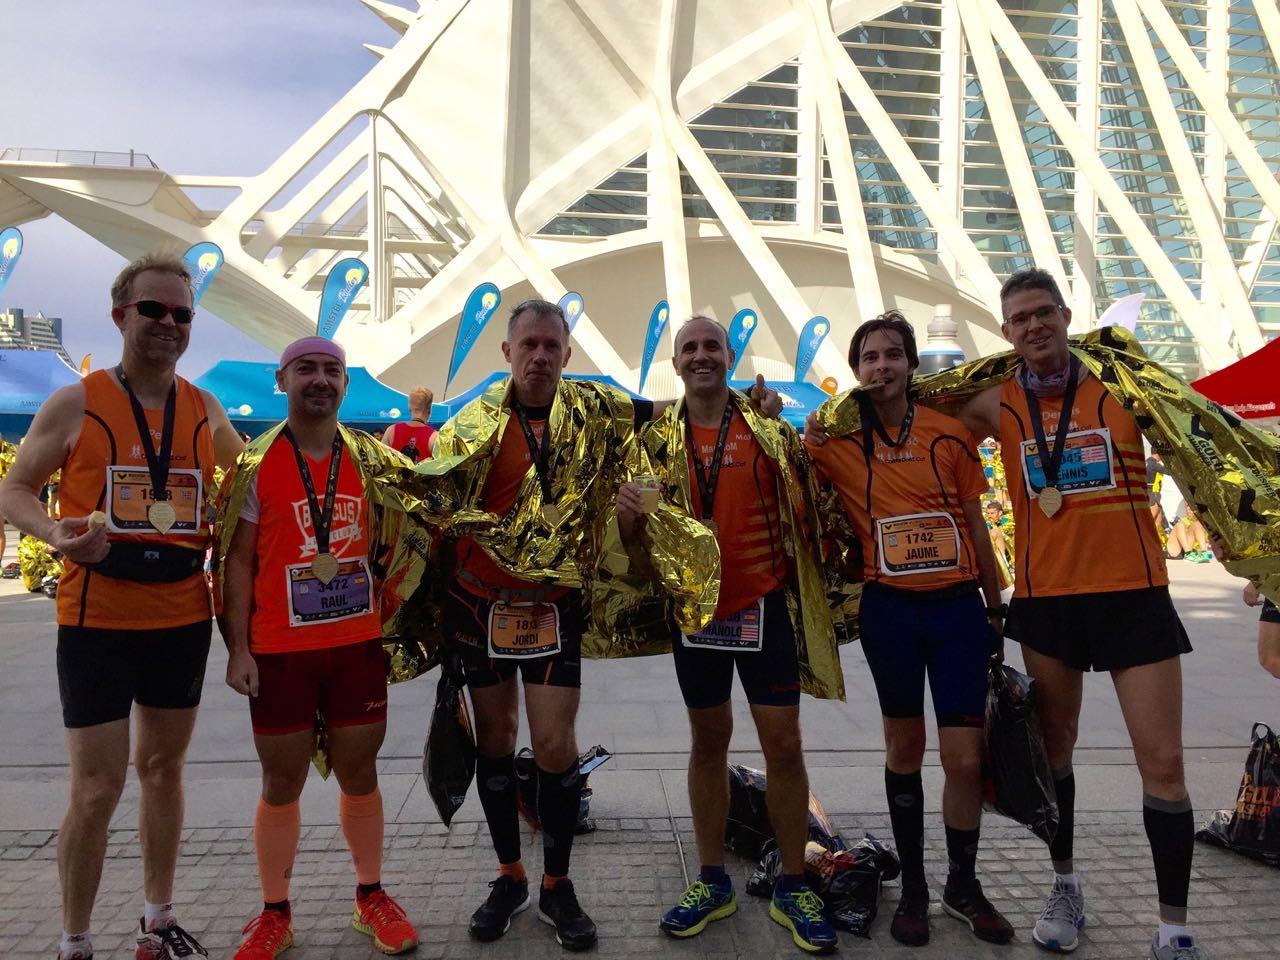 La tortuga holandesa valencia marat n de oro piernas - Carton valencia ...